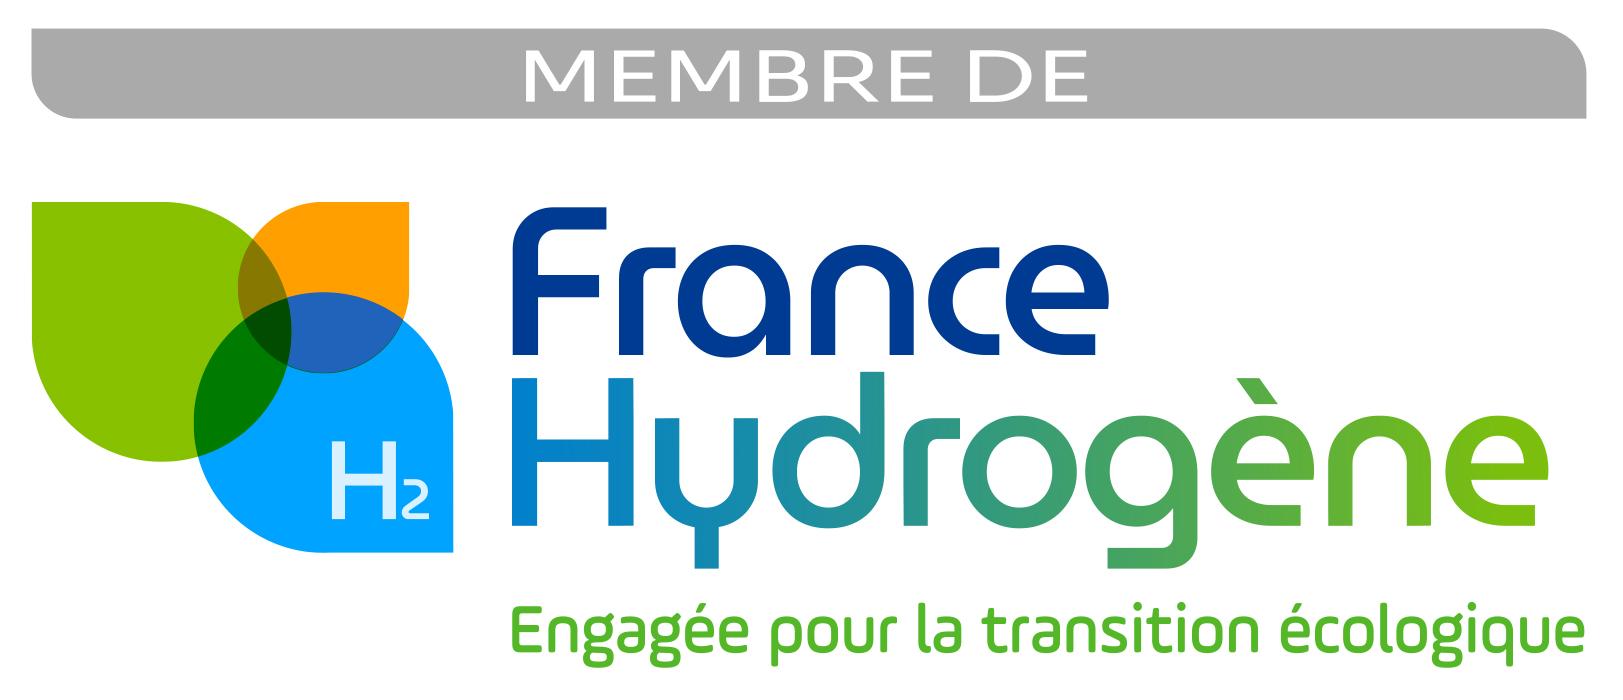 Barriquand adhère à l'association France Hydrogène